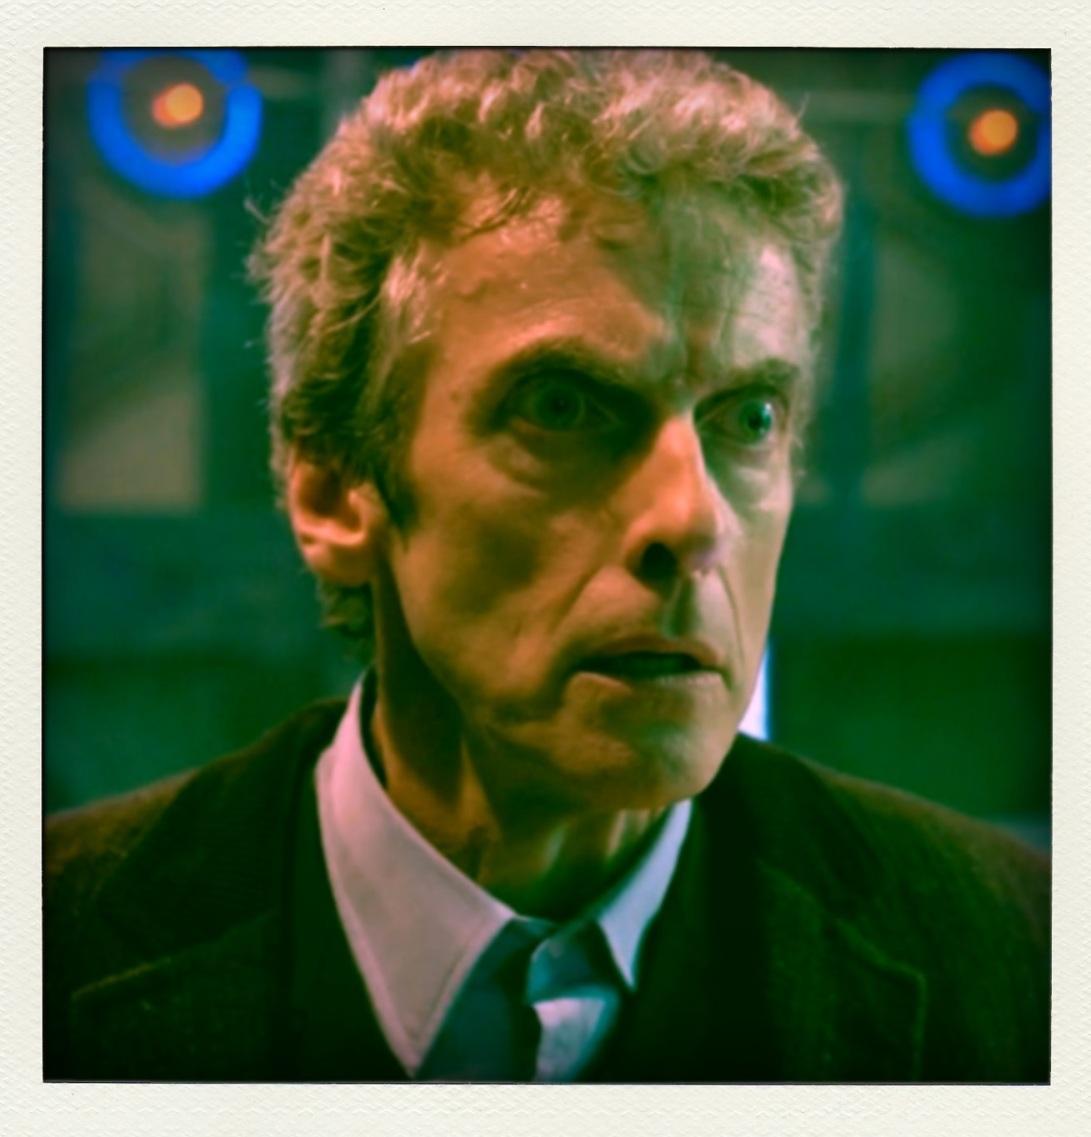 Doctor Who Season 8 @ www.cinemascream.co.uk